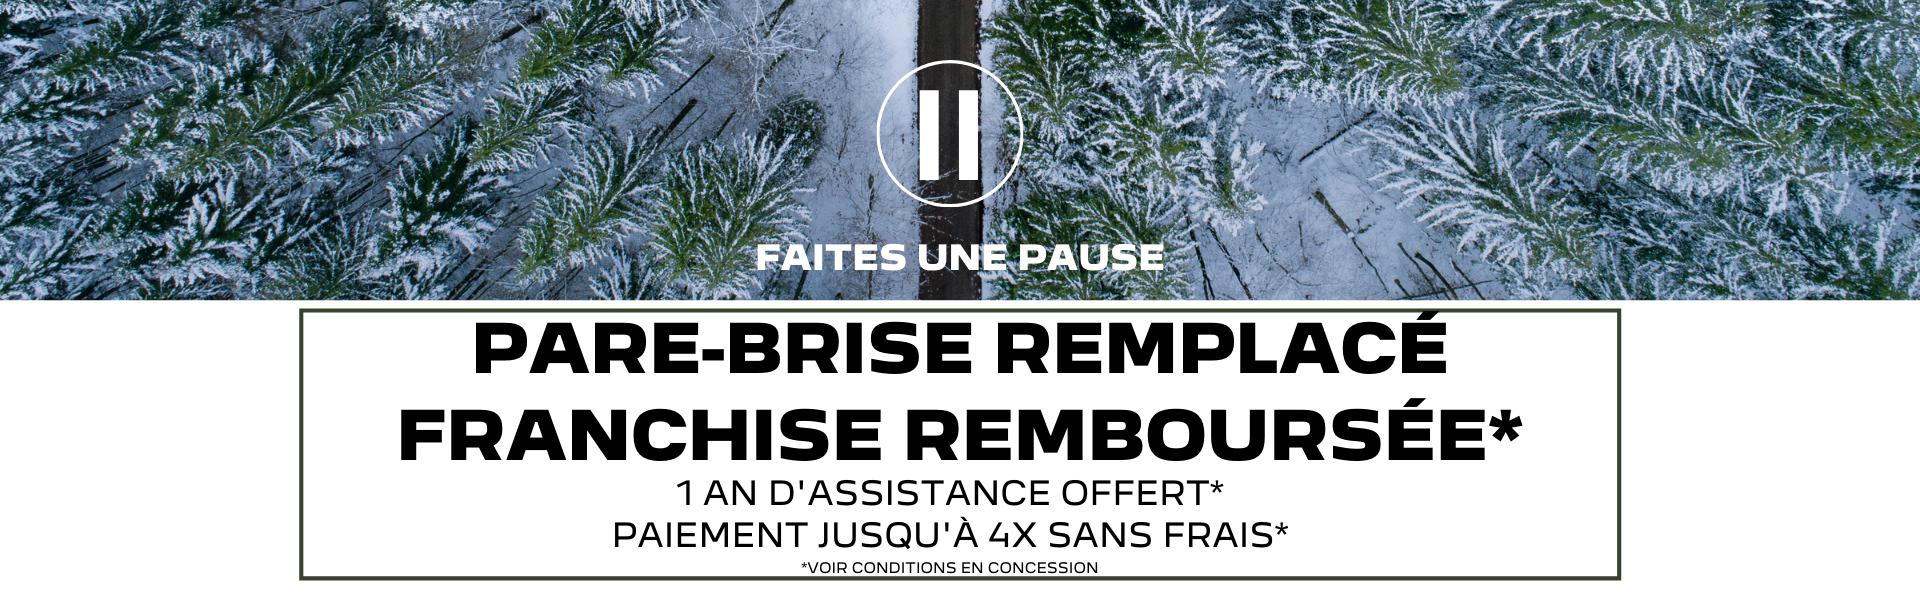 Pare-brise remplacé-franchise remboursée-31102021